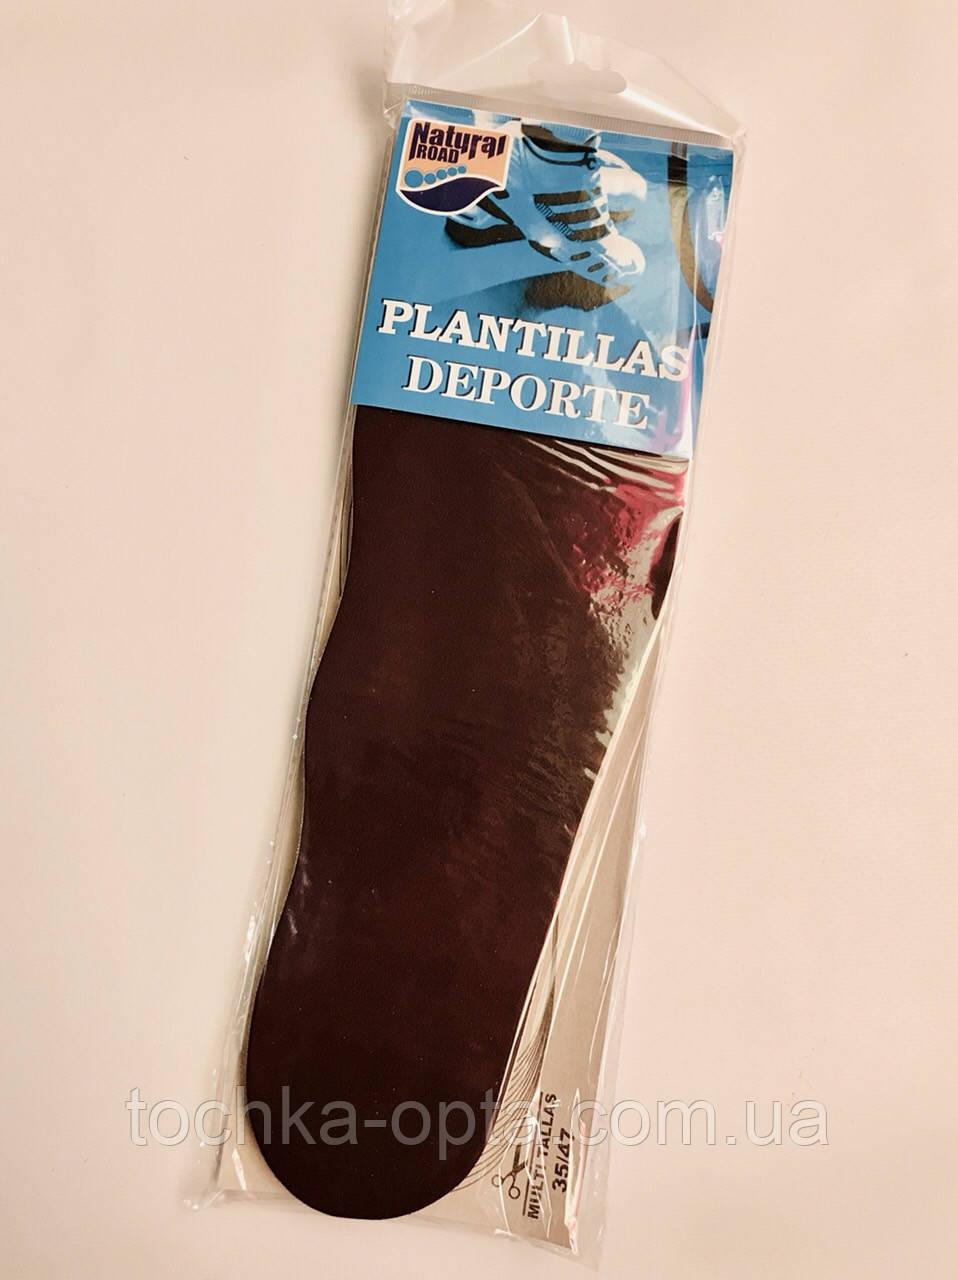 Стельки для обуви латексные универсальные 5 мм коричневые